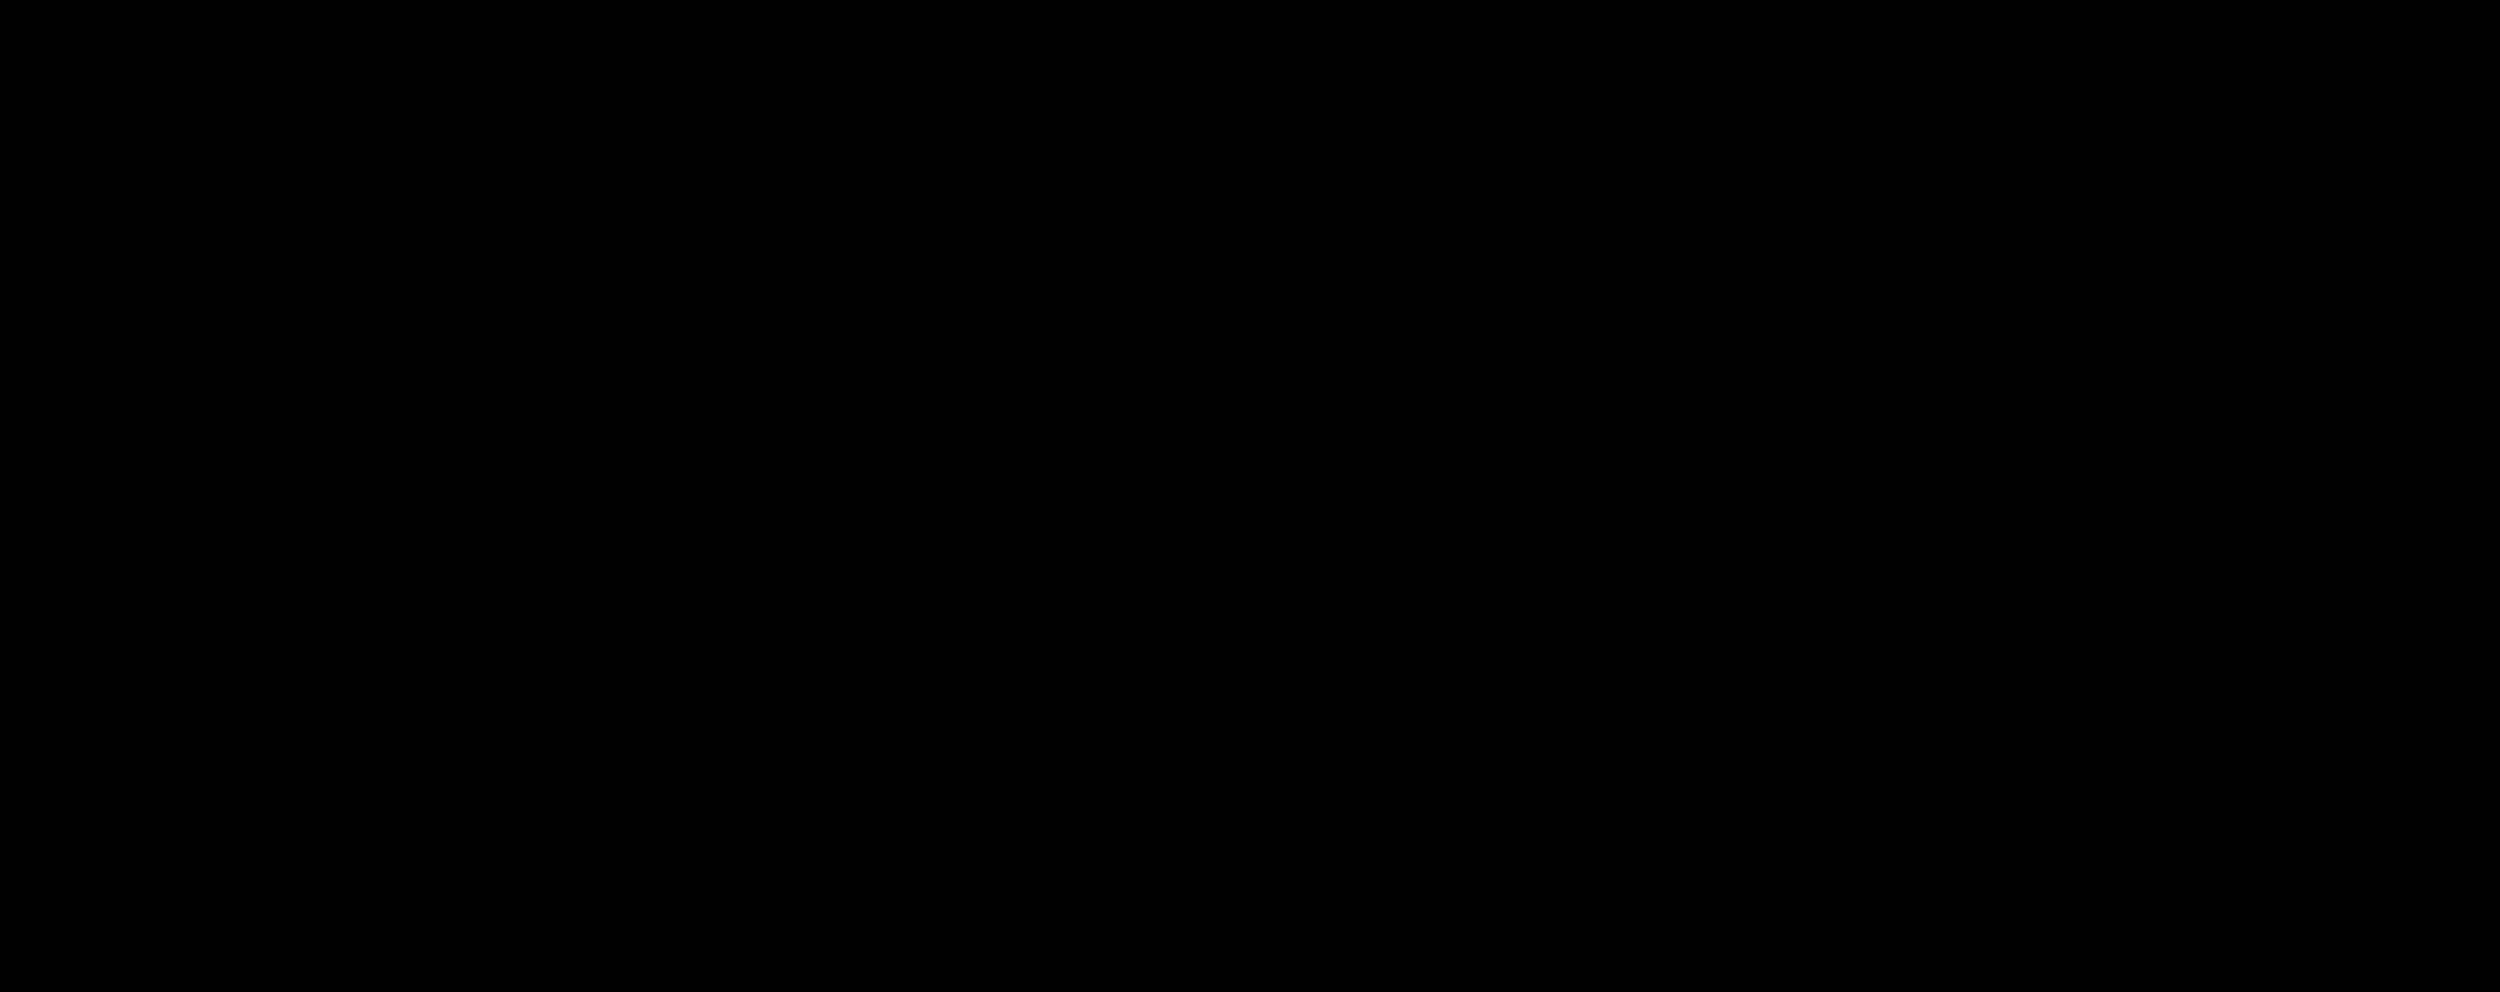 """Azuliber - Corfu Negro Deco 11""""x28"""" ceramic  10 PC/CTN (21.10 SF); 32 CTN/PLT"""